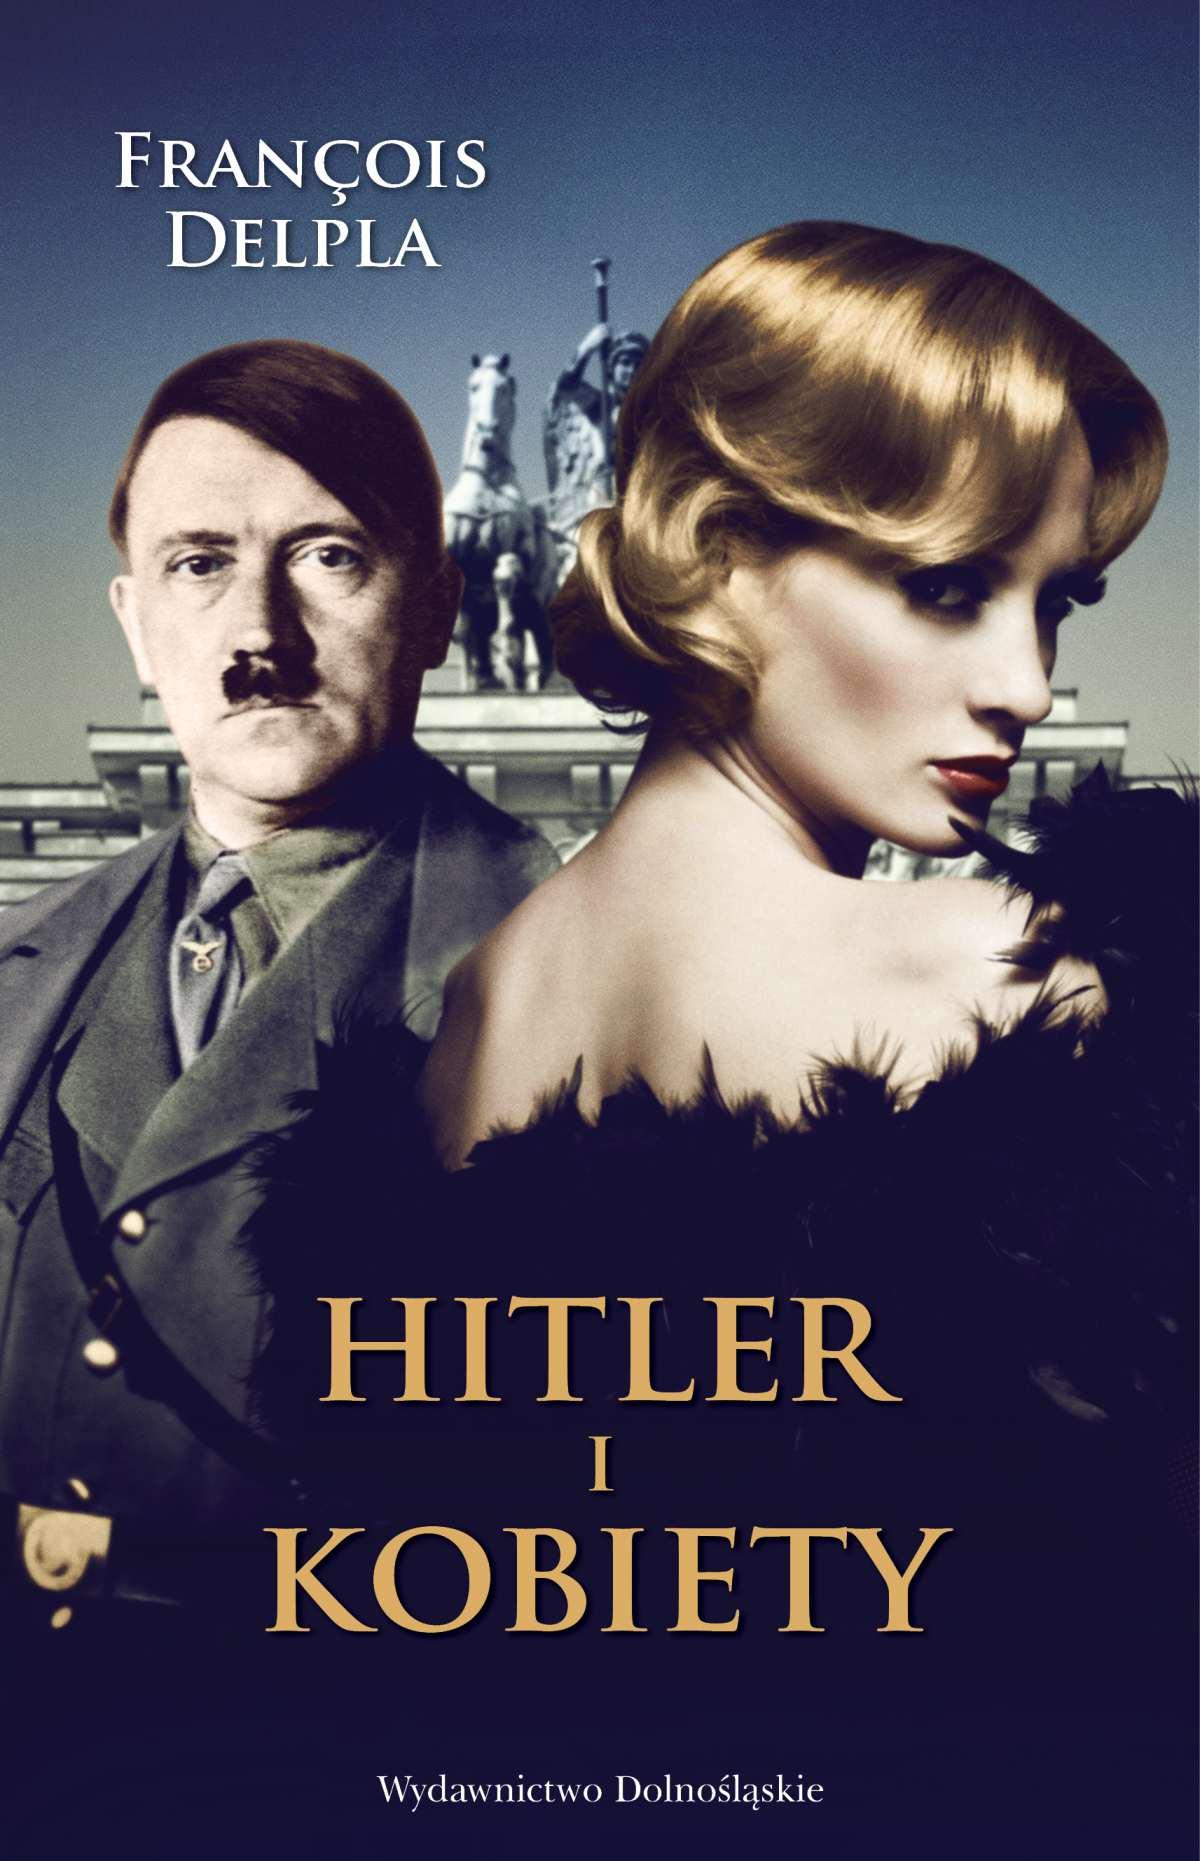 Hitler i kobiety - Ebook (Książka EPUB) do pobrania w formacie EPUB